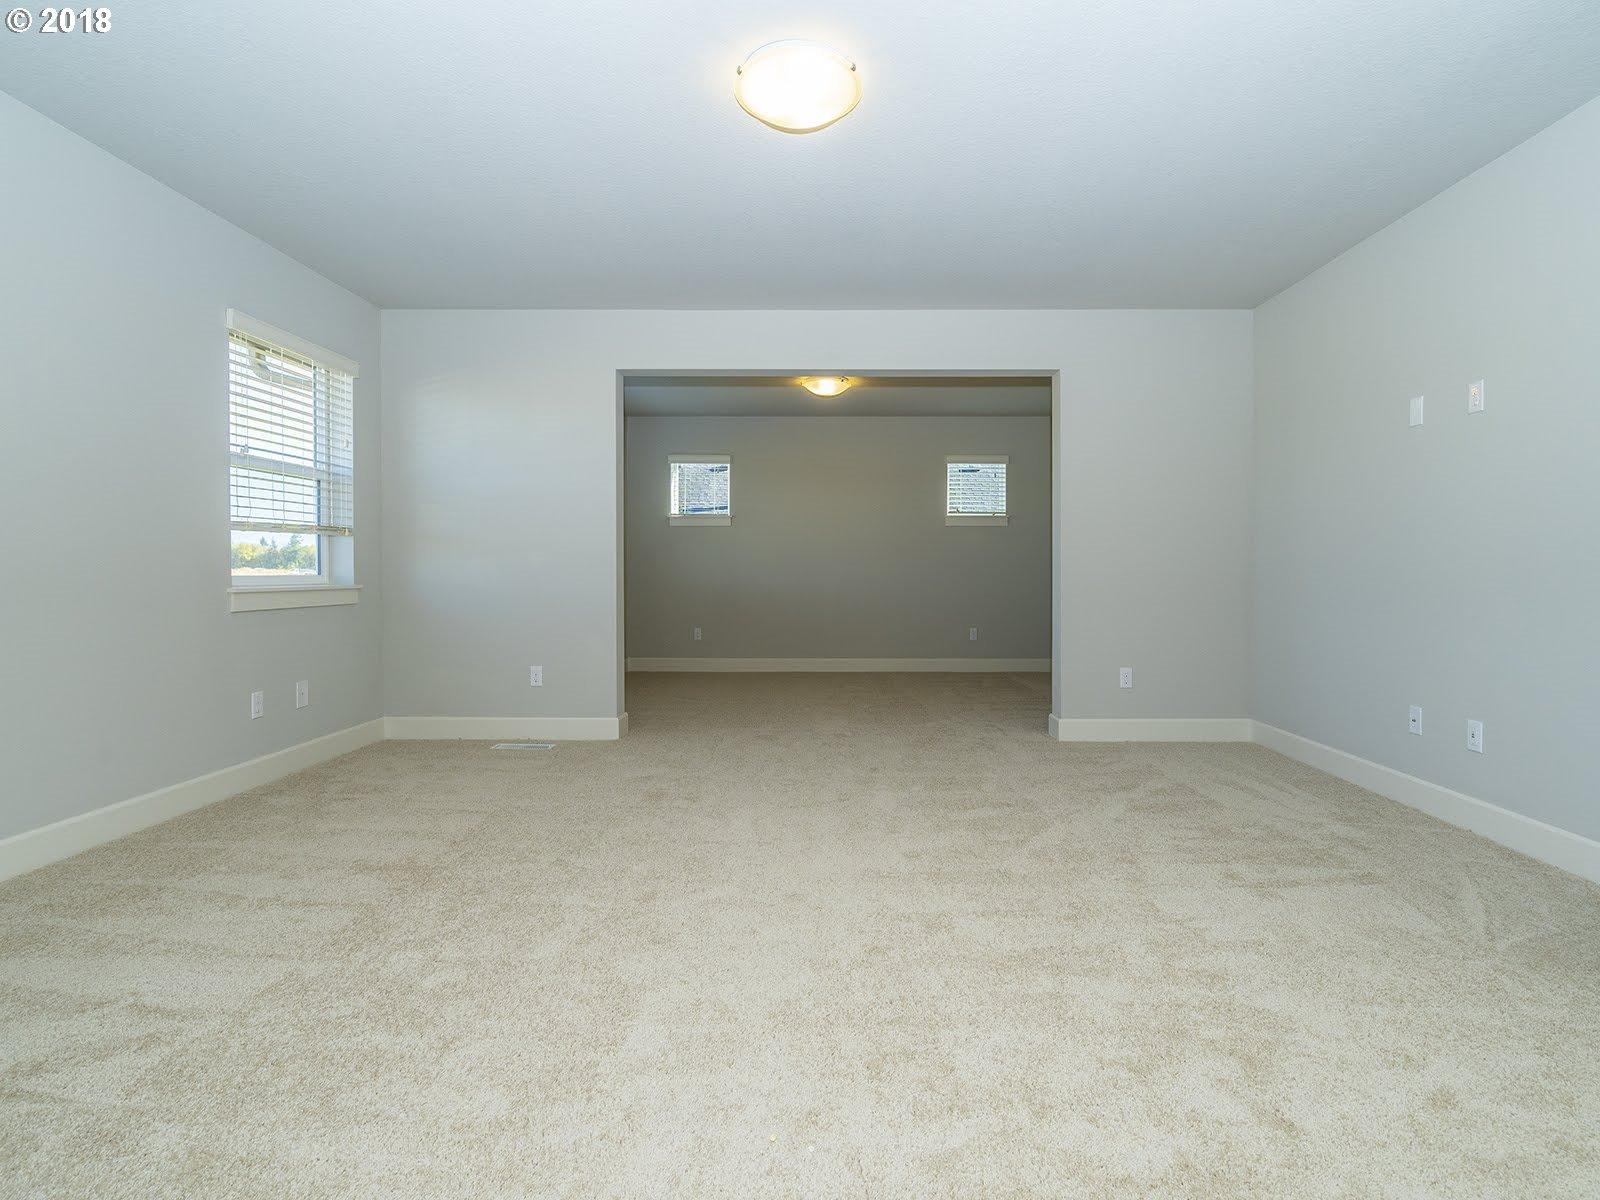 4806 S 18TH ST Ridgefield, WA 98642 - MLS #: 18606893